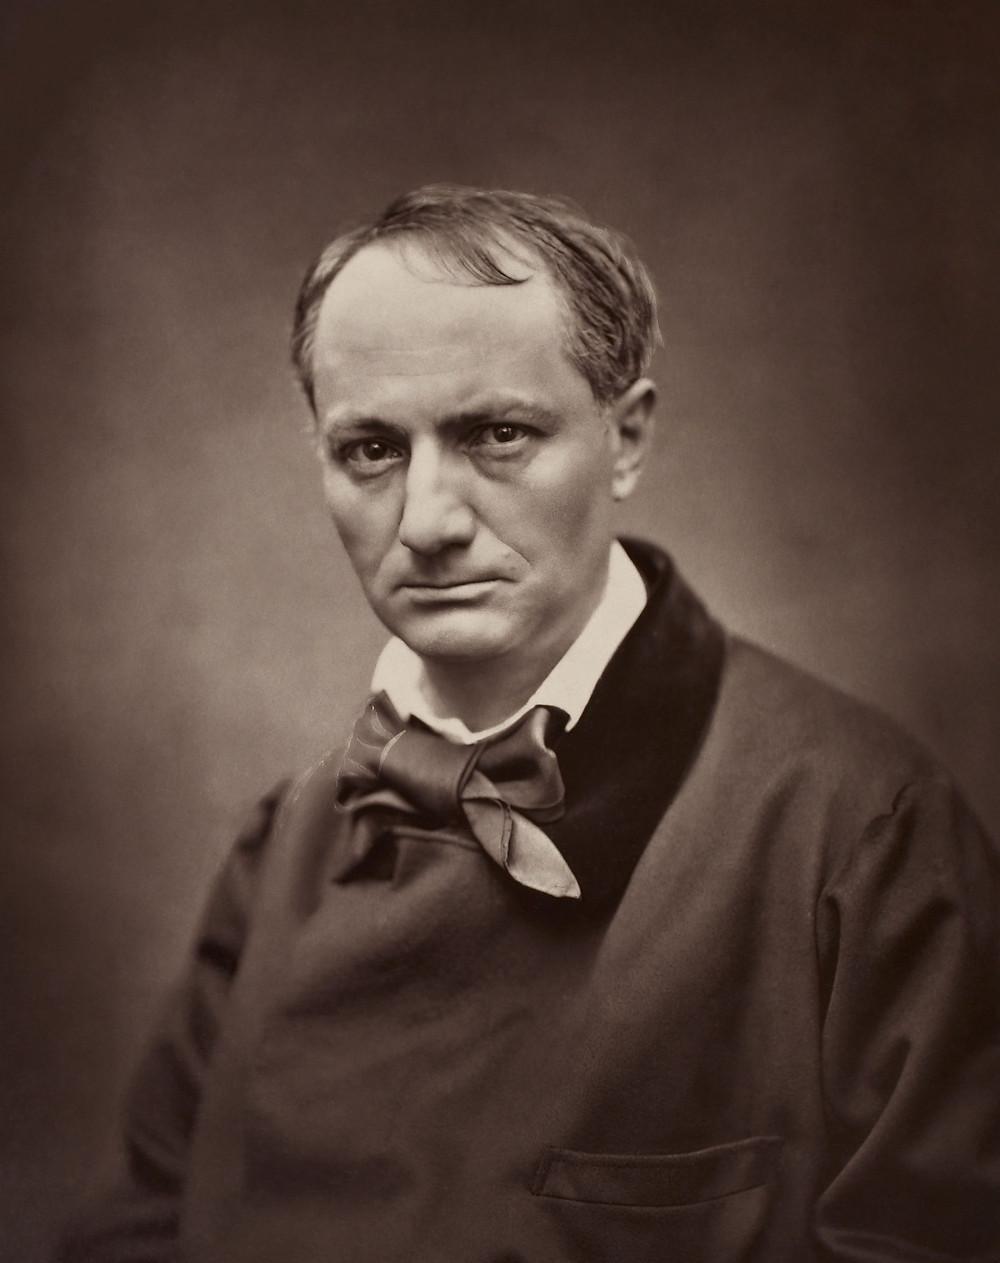 É.Carjat, Portrait of Baudelaire, circa 1862